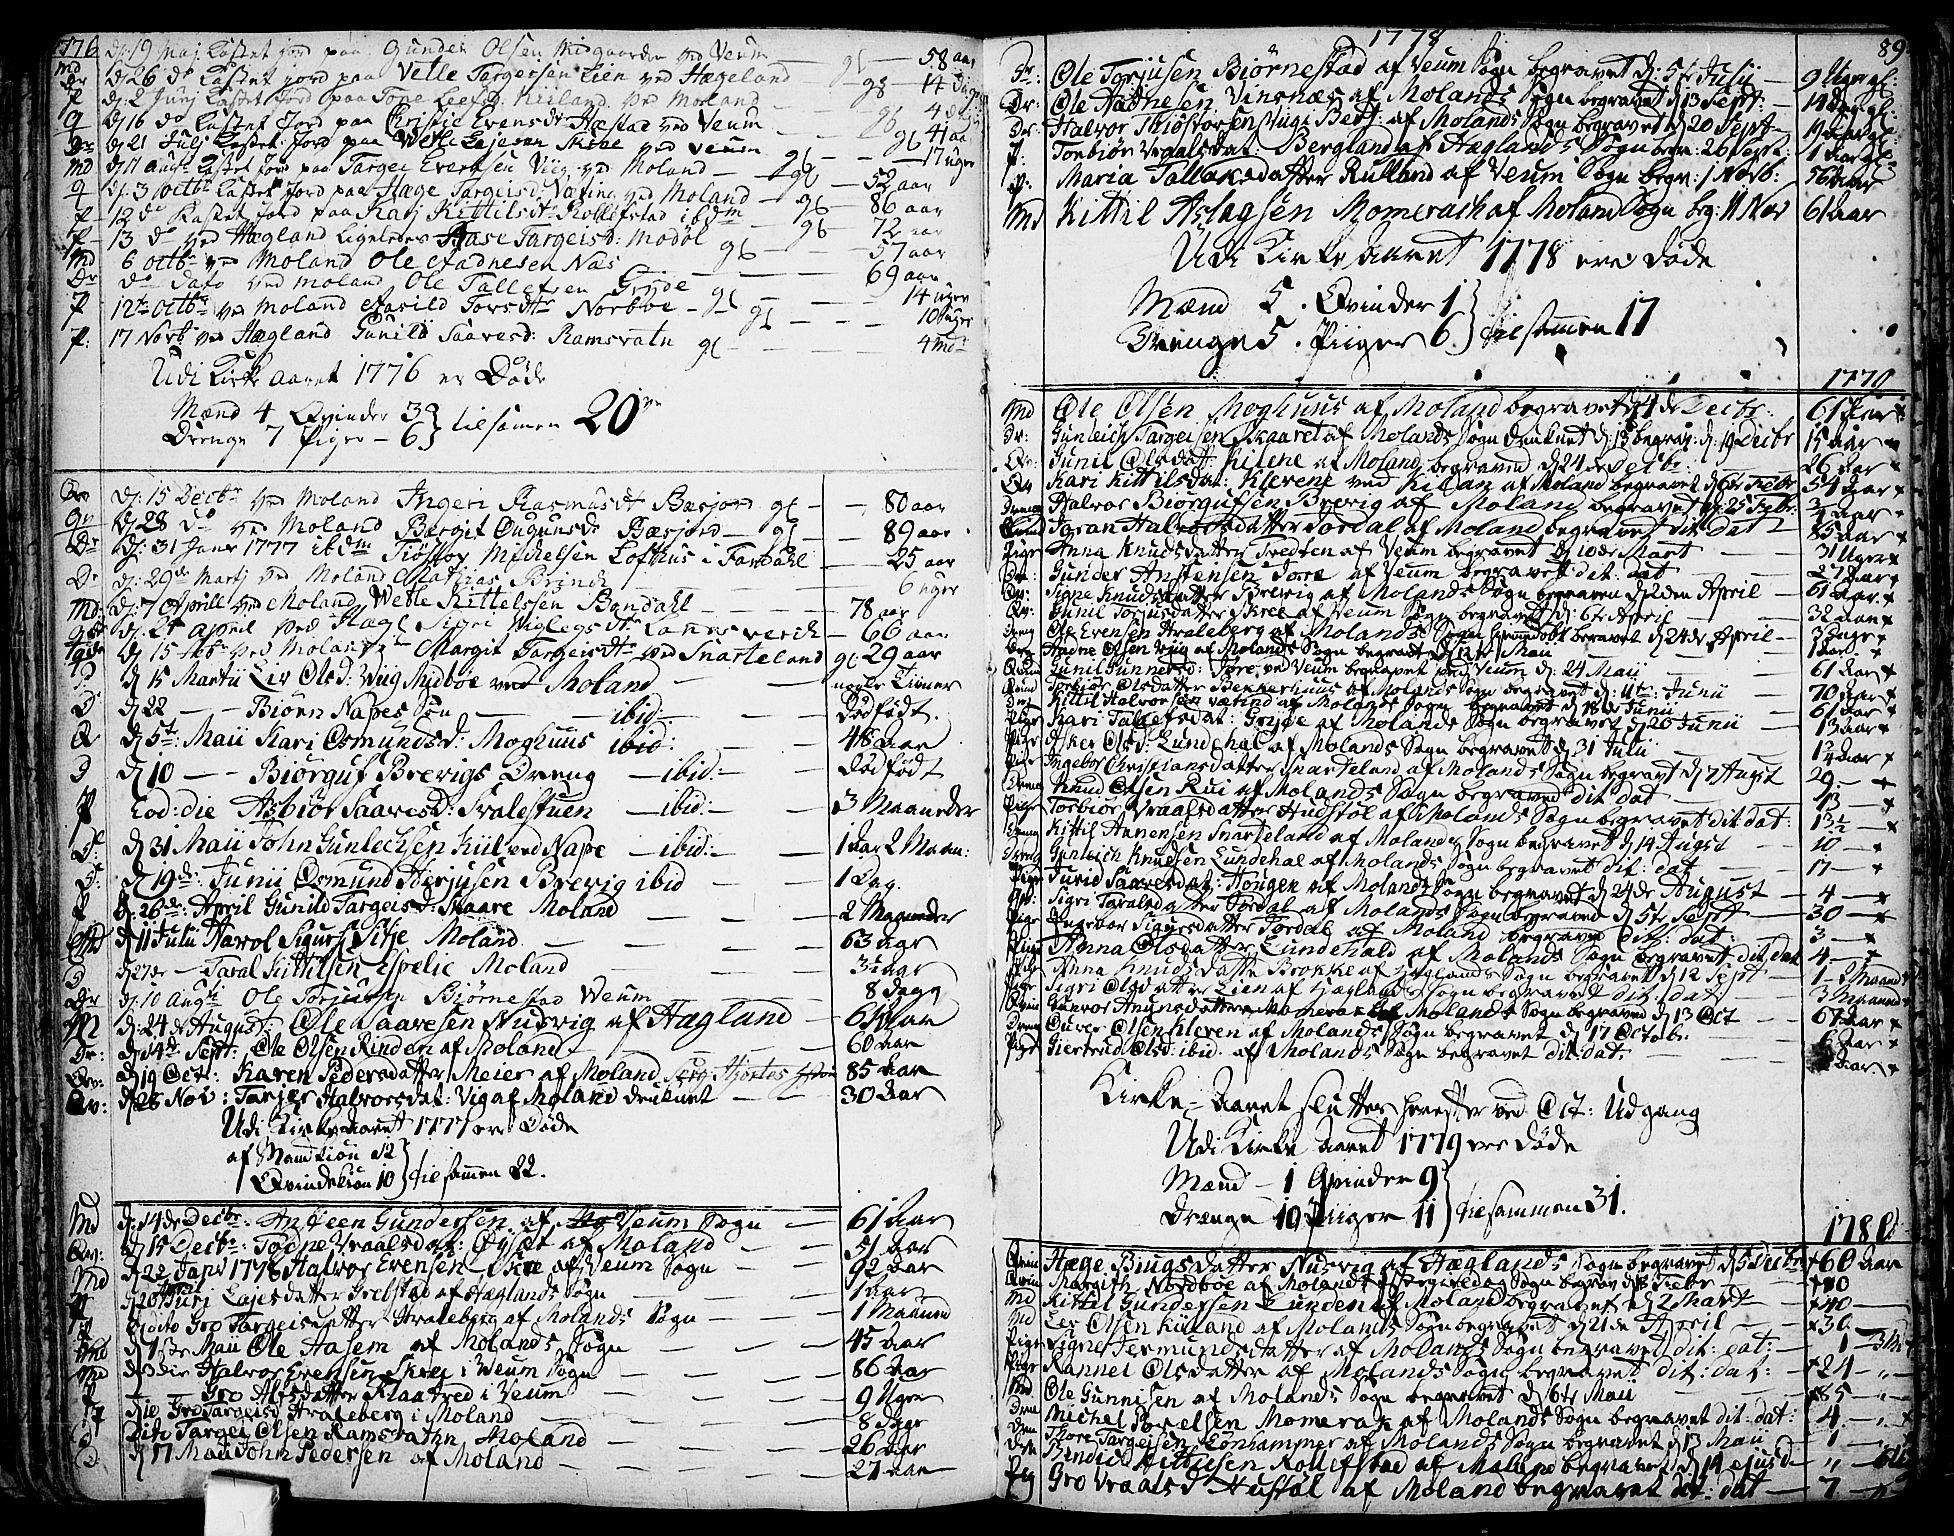 SAKO, Fyresdal kirkebøker, F/Fa/L0002: Ministerialbok nr. I 2, 1769-1814, s. 89